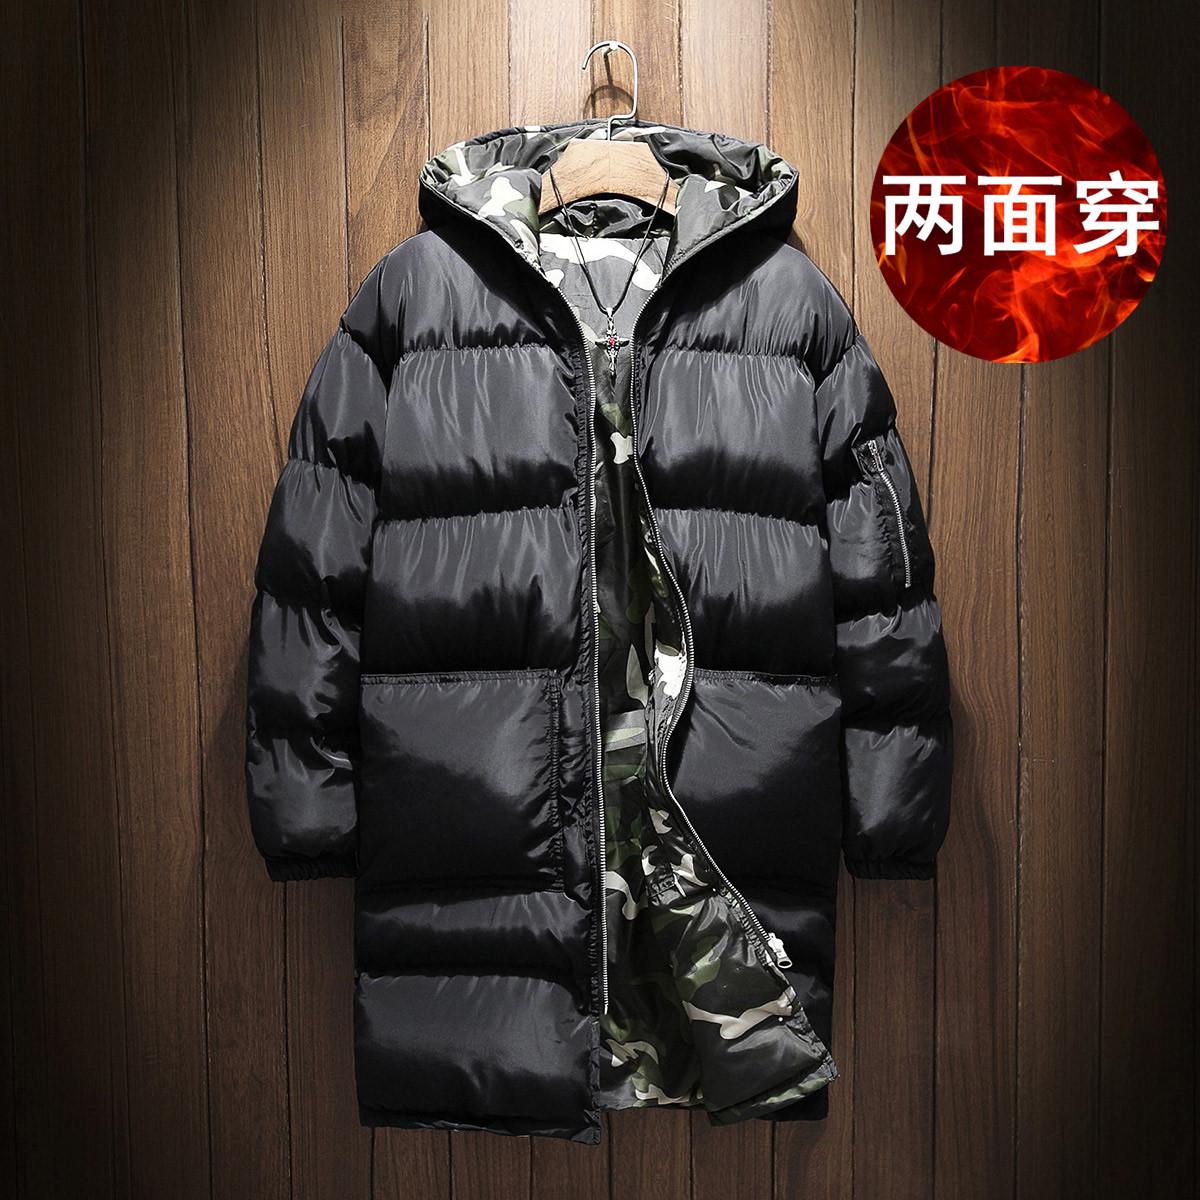 两面穿中长款棉衣男加肥加大码青年宽松棉服袄国潮胖子冬季装迷彩